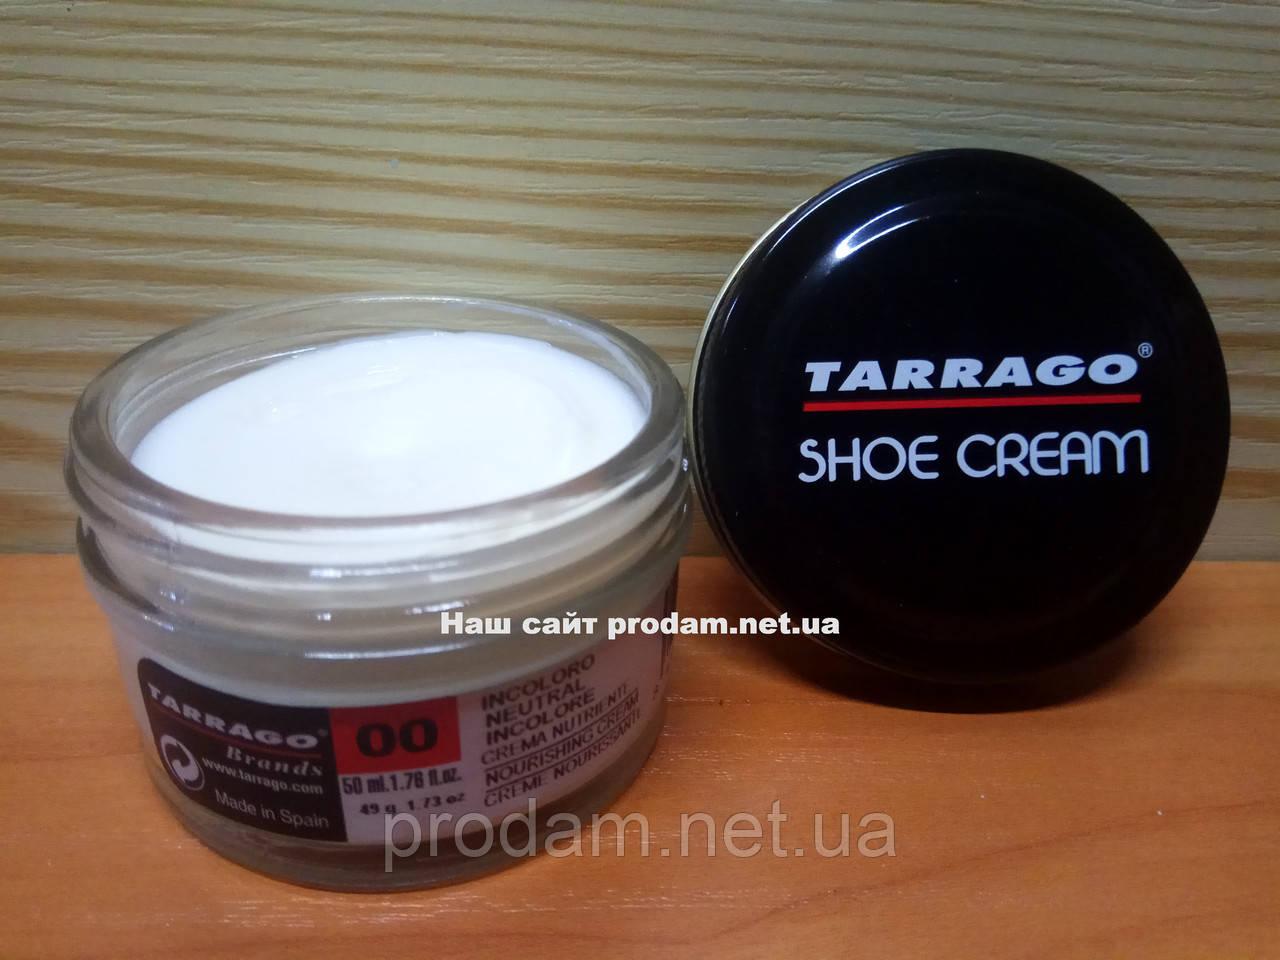 Крем для обуви Tarrago 50 мл цвет безцветный